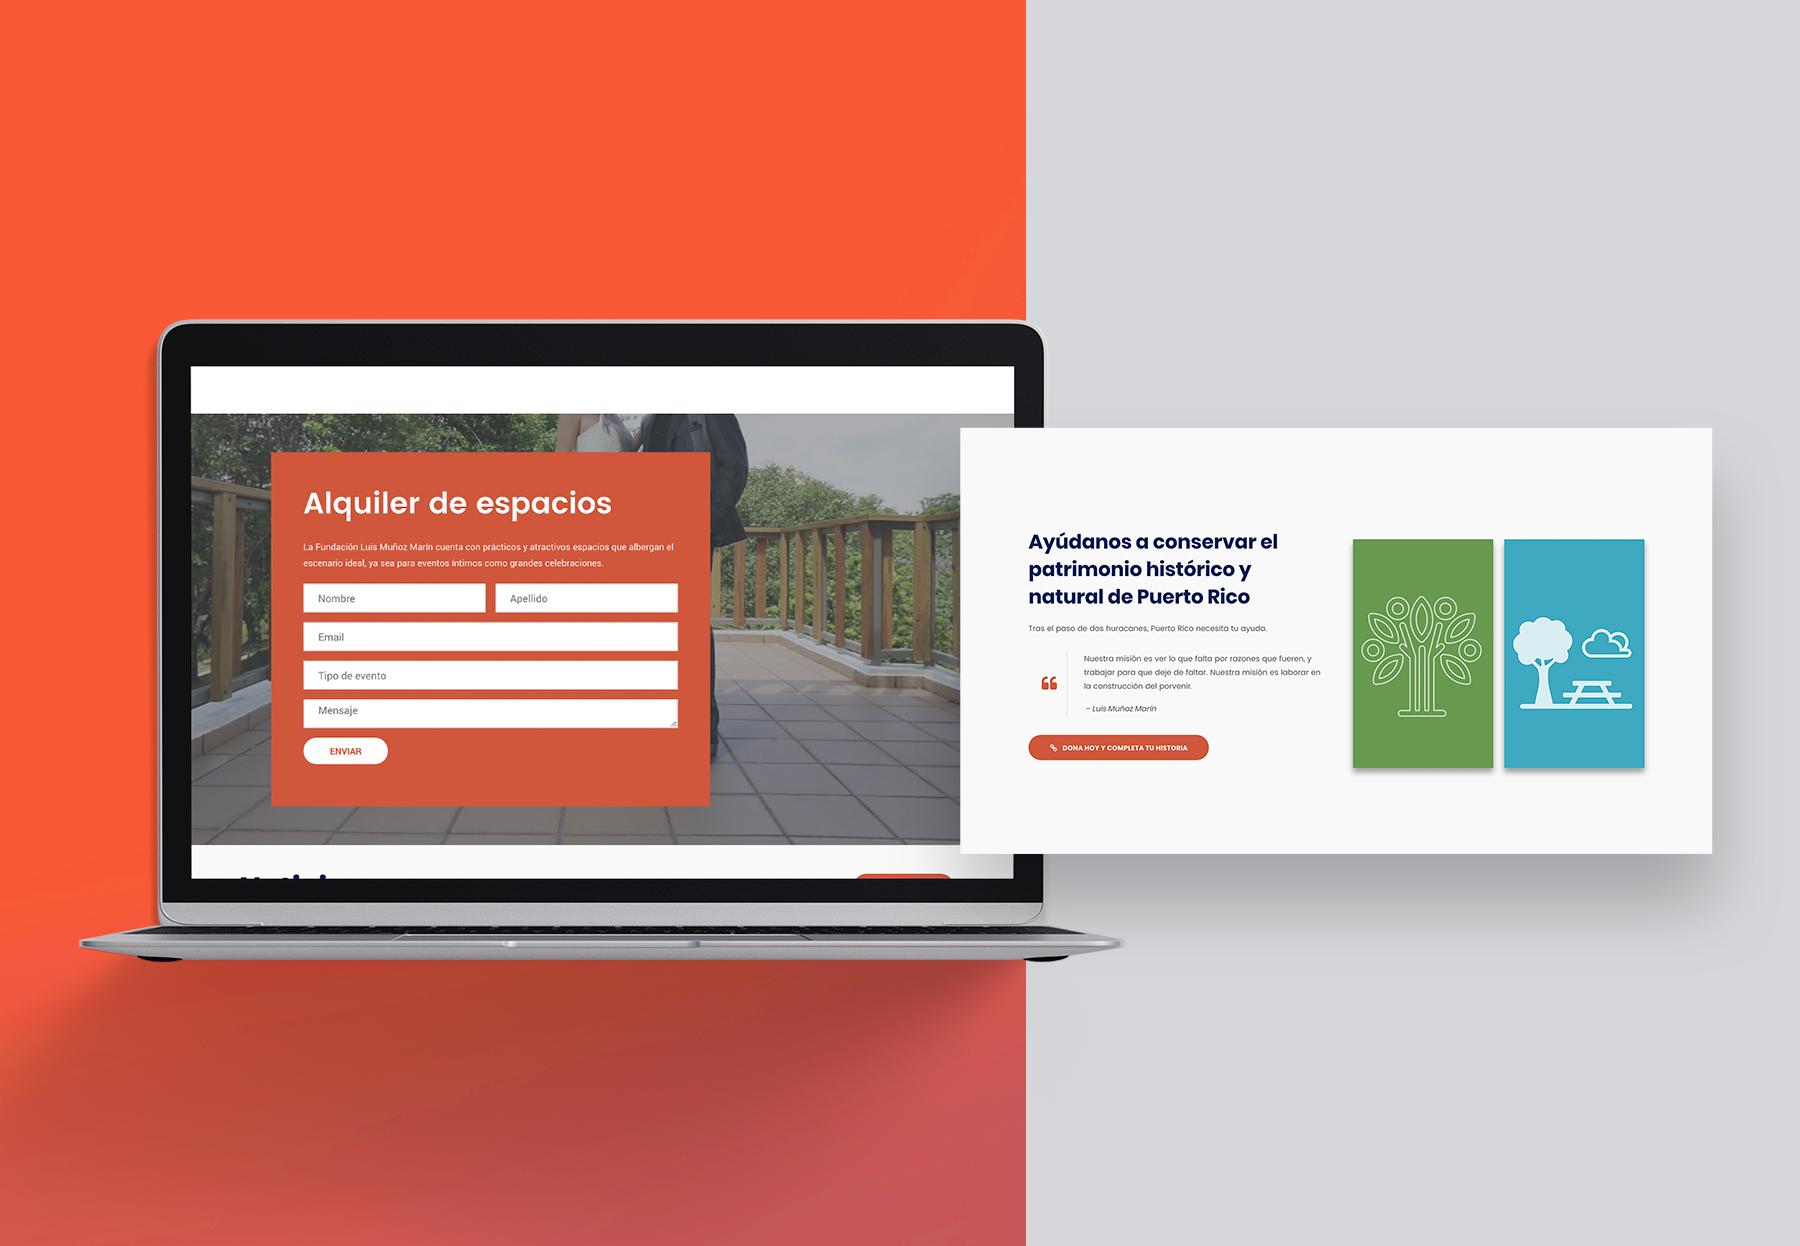 Contenido actualizado y programación web de Fundación Luis Muñoz Marín